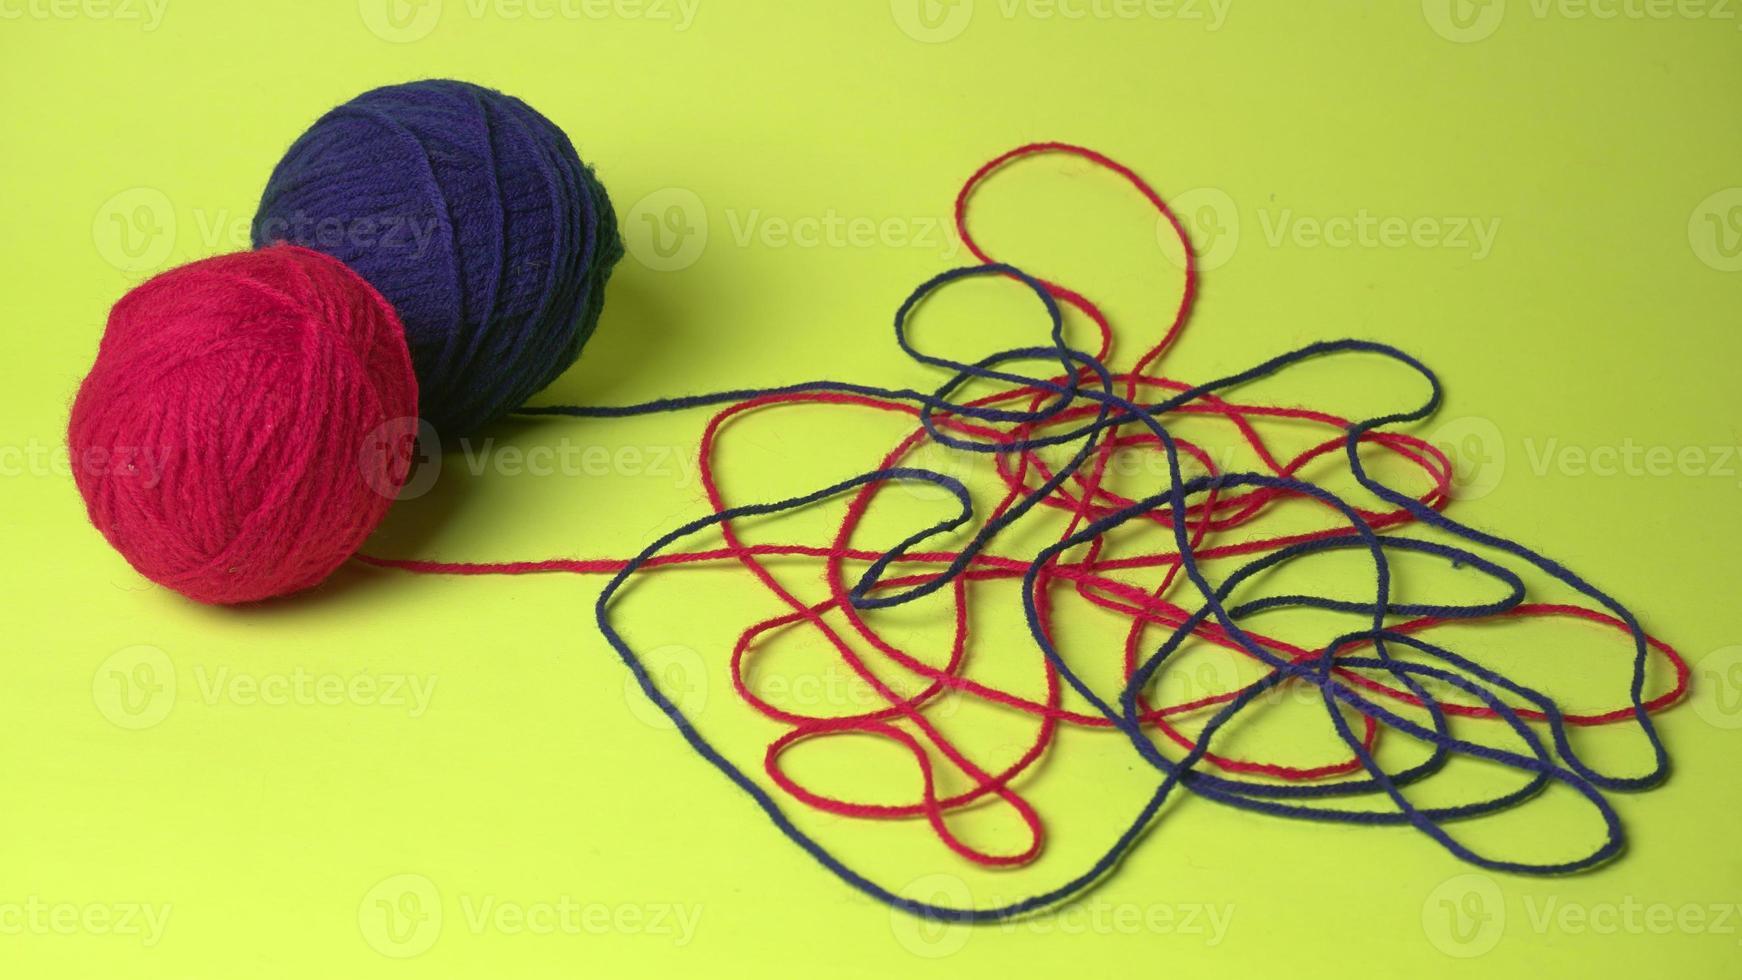 färgtrådar, stickor och kläder på träbordet foto